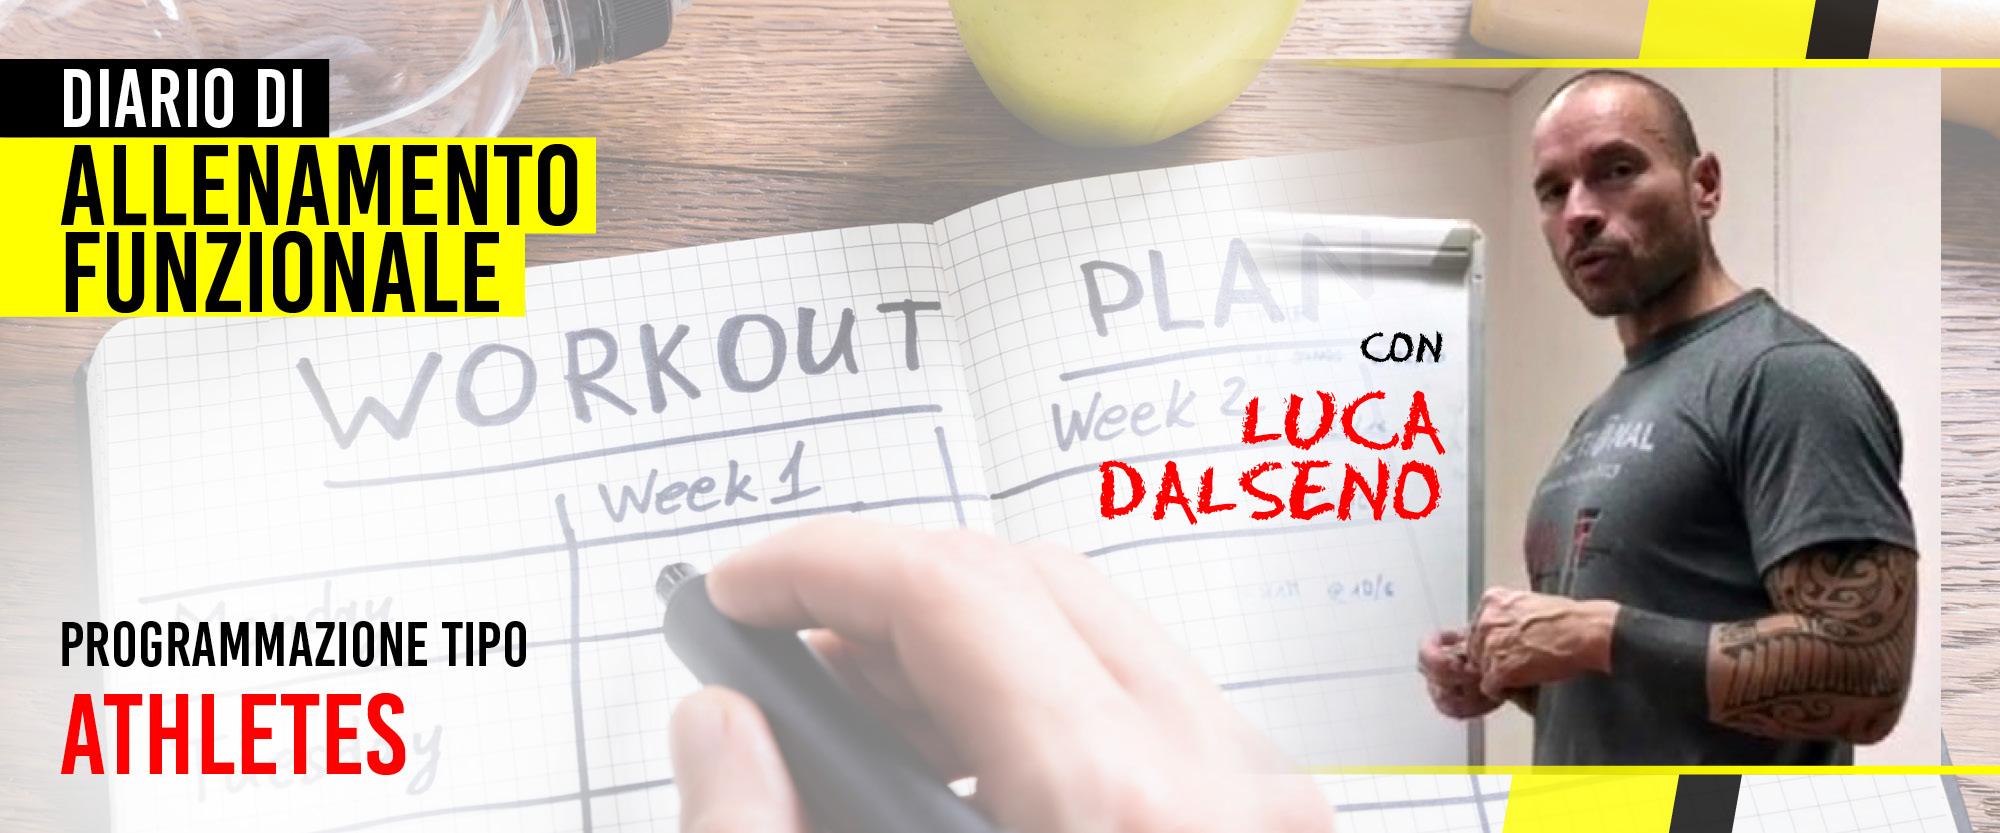 diario di allenamento funzionale